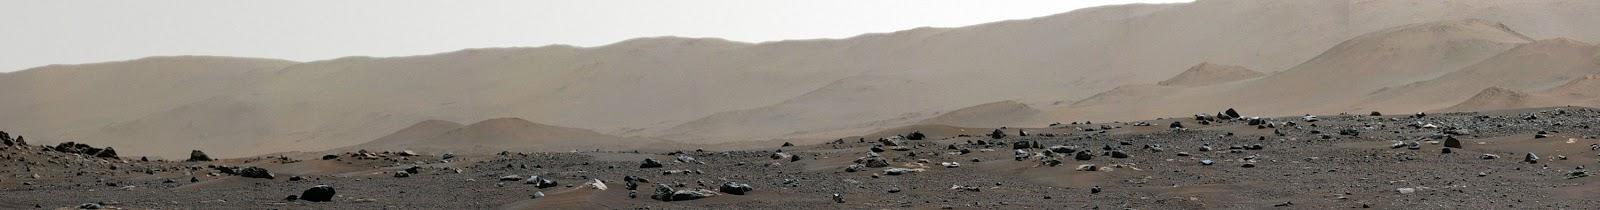 mars panaroma fotoğrafı